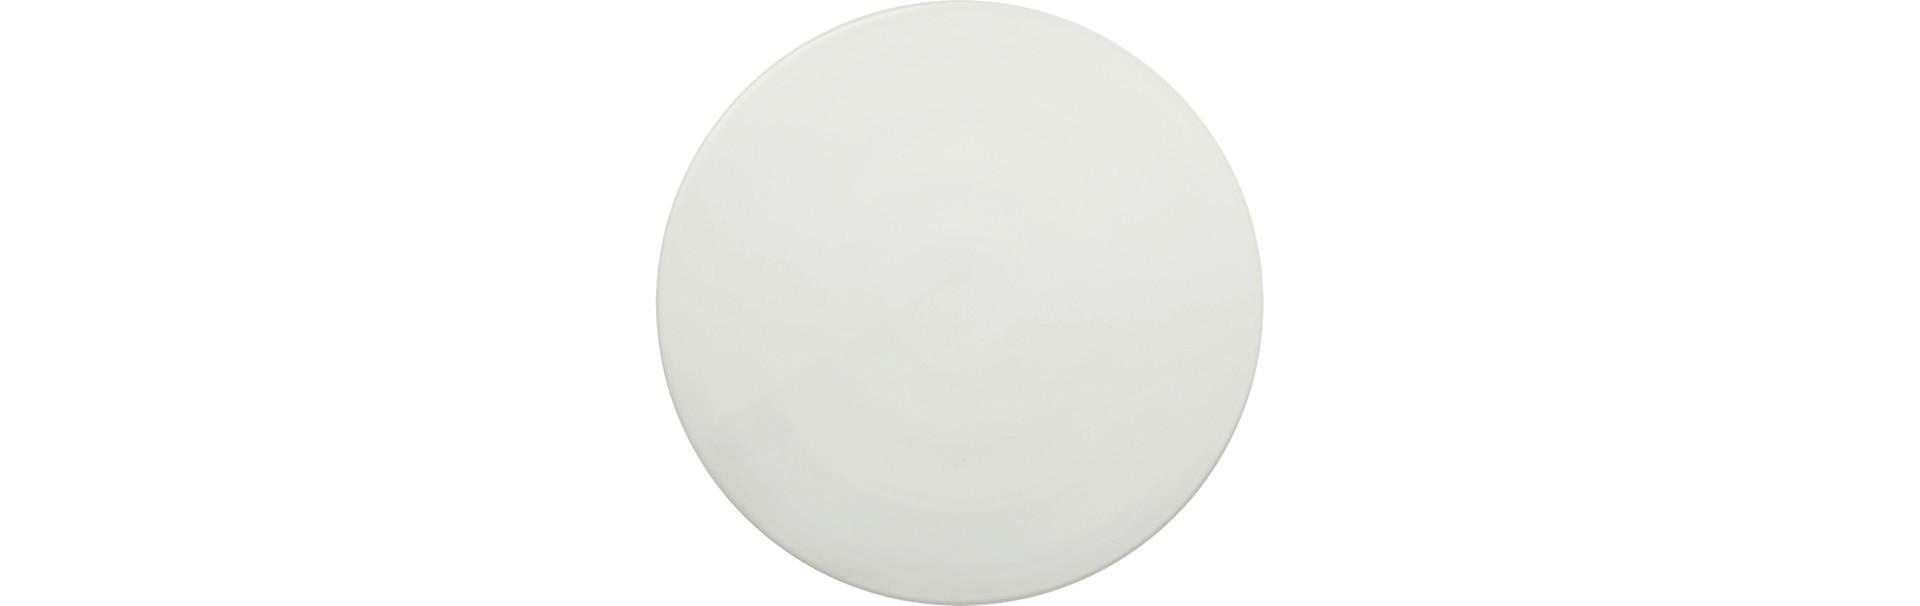 Shiro, Plateau-Teller ø 114 mm auch als Deckel für Bowl 0,33 l